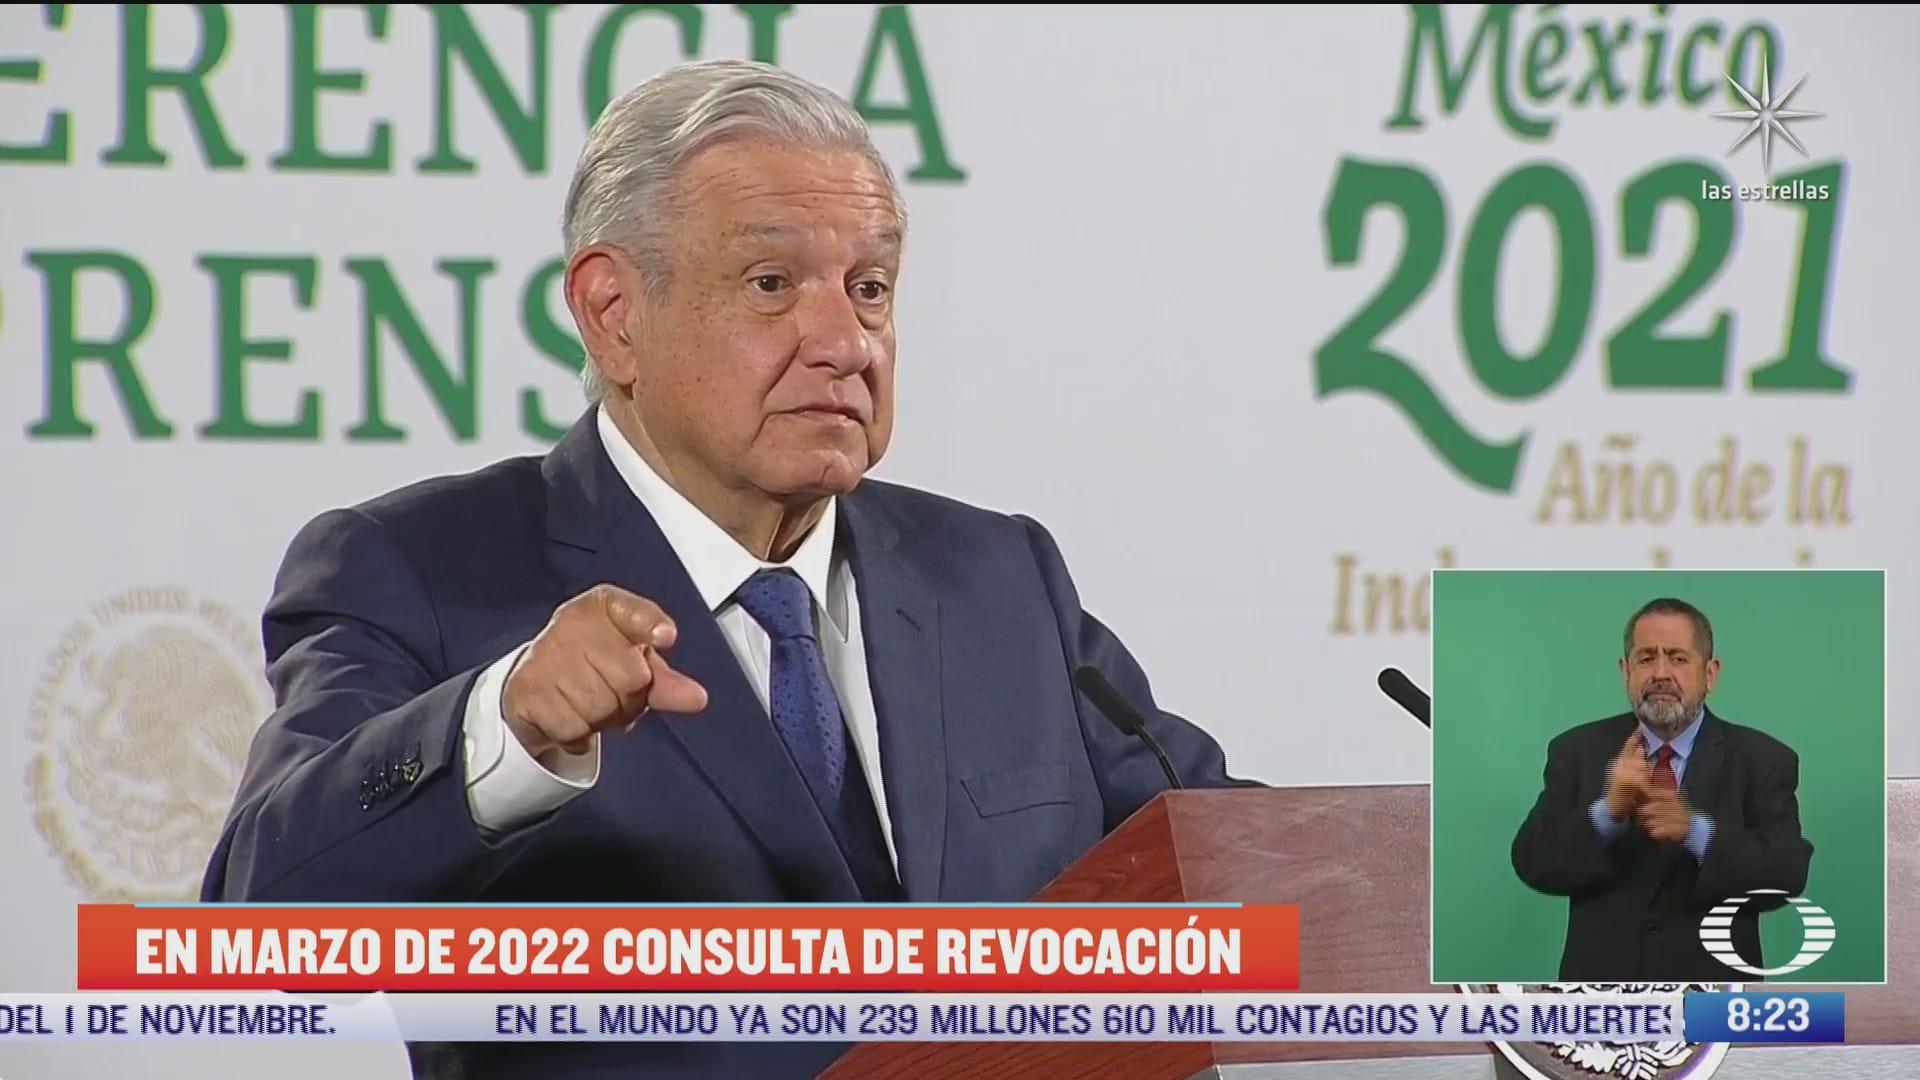 en marzo de 2022 habra consulta de revocacion amlo